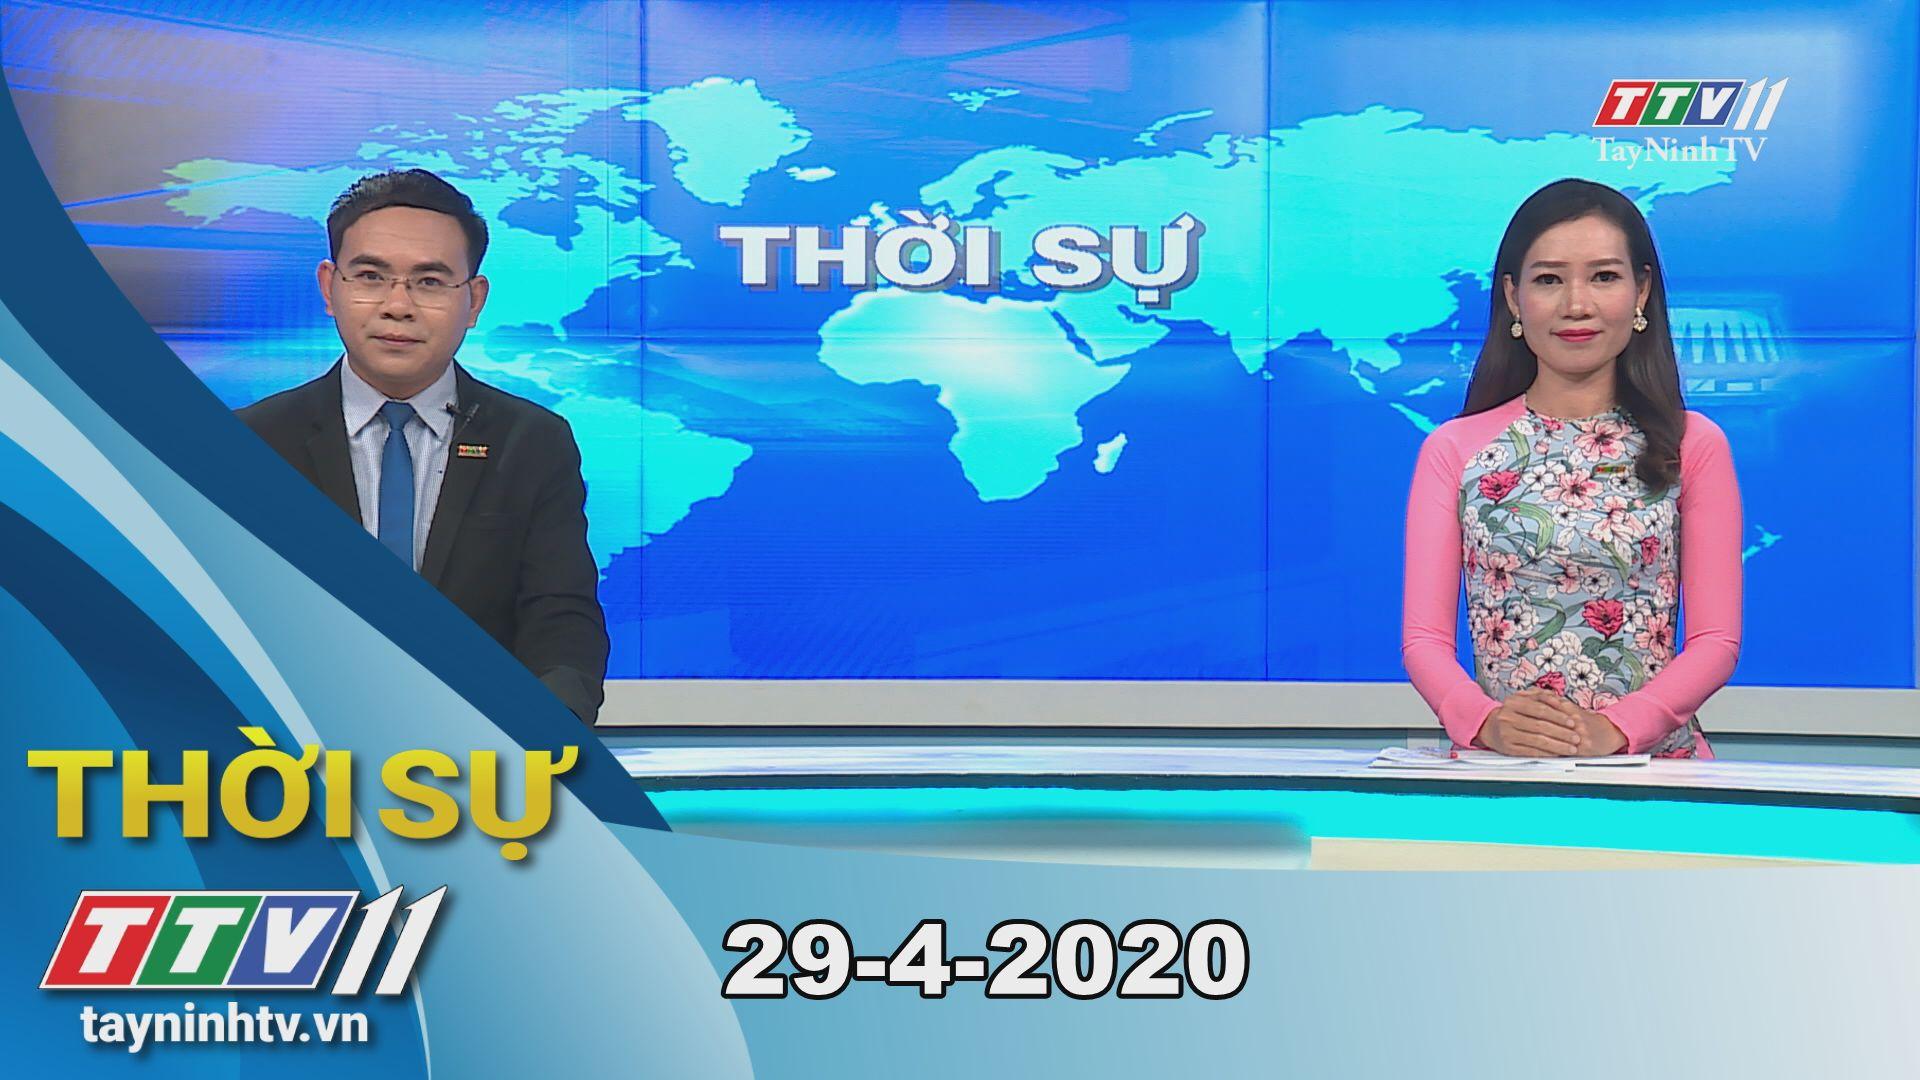 Thời sự Tây Ninh 29-4-2020 | Tin tức hôm nay | TayNinhTV